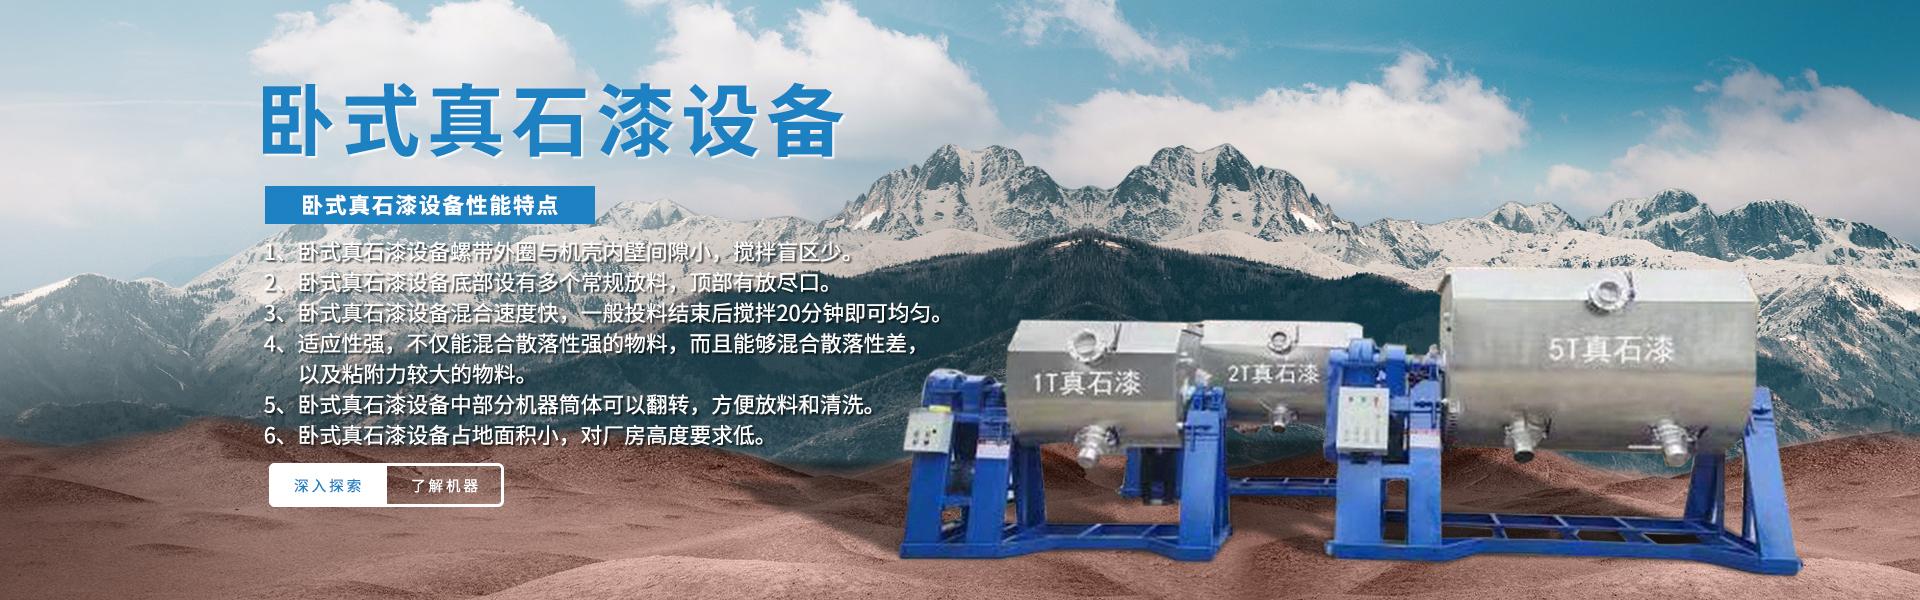 沙子烘干機|三筒沙子烘干機|真石漆攪拌機|干粉砂漿攪拌機-泉州盛博榮機械有限公司